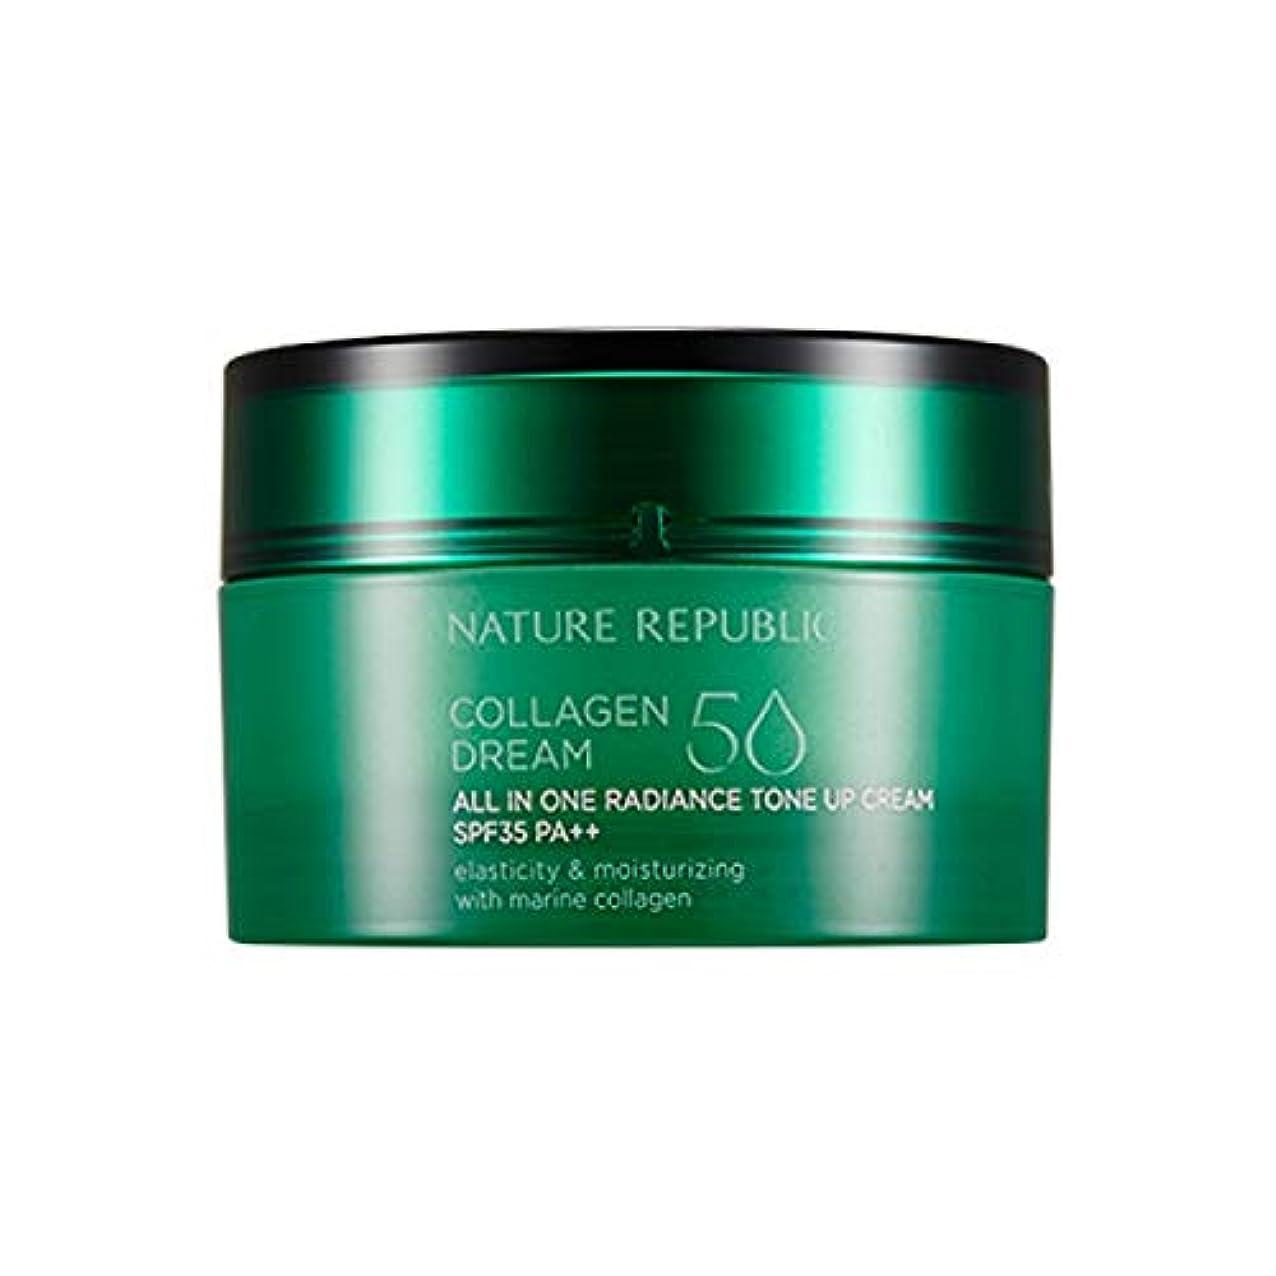 振りかけるポインタ非アクティブネイチャーリパブリック(Nature Republic)コラーゲンドリーム50オールインワンラディアンストンアップクリーム SPF35PA++ 50ml / Collagen Dream 50 All-In-One Radiance Tone Up Cream (SPF35PA++) :: 韓国コスメ [並行輸入品]